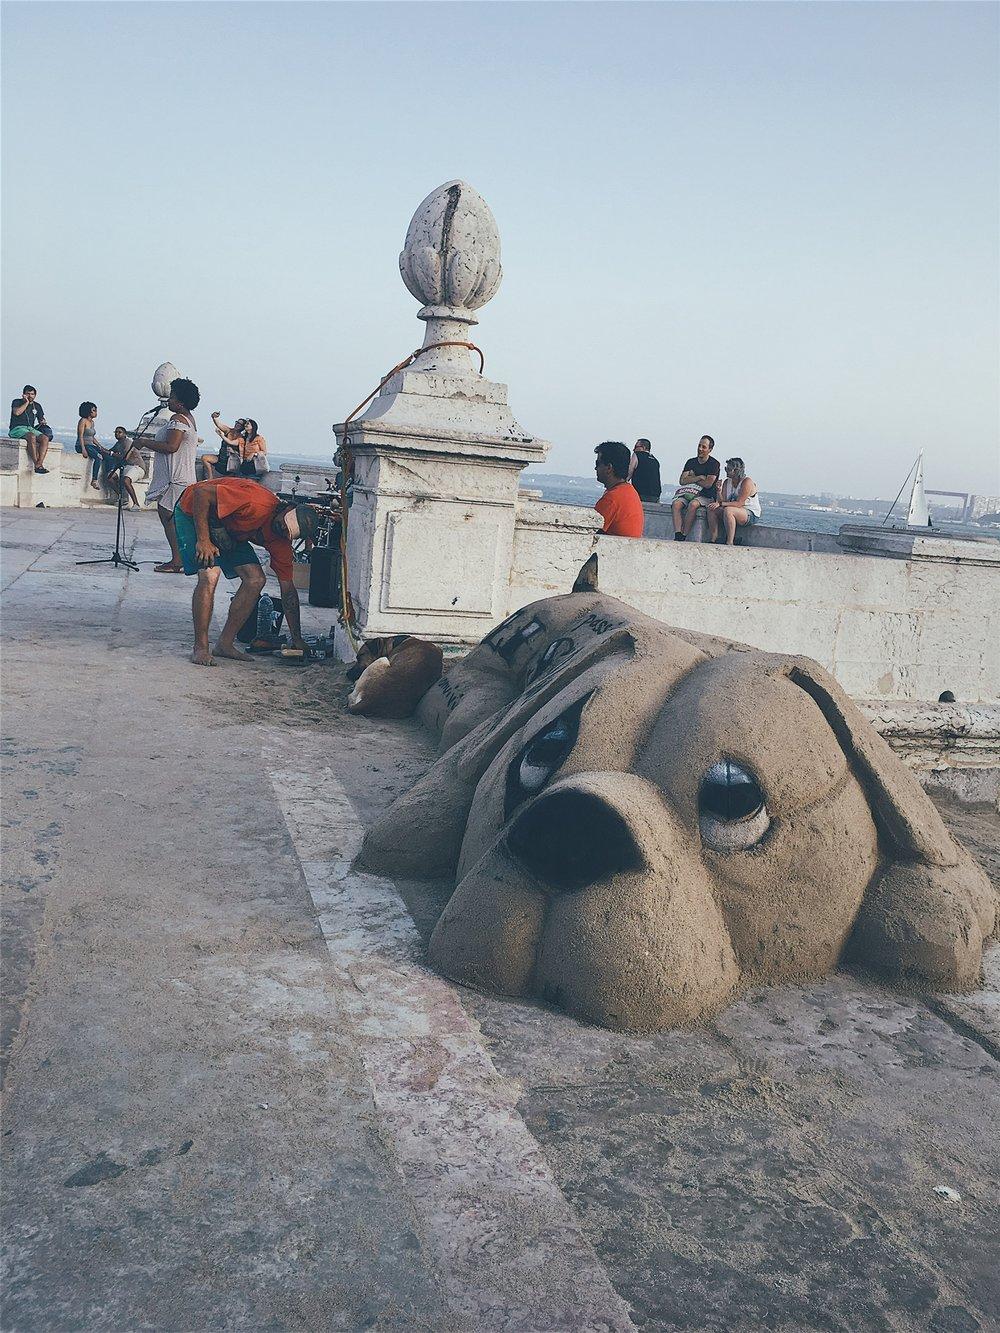 Street musicians and a sand artist